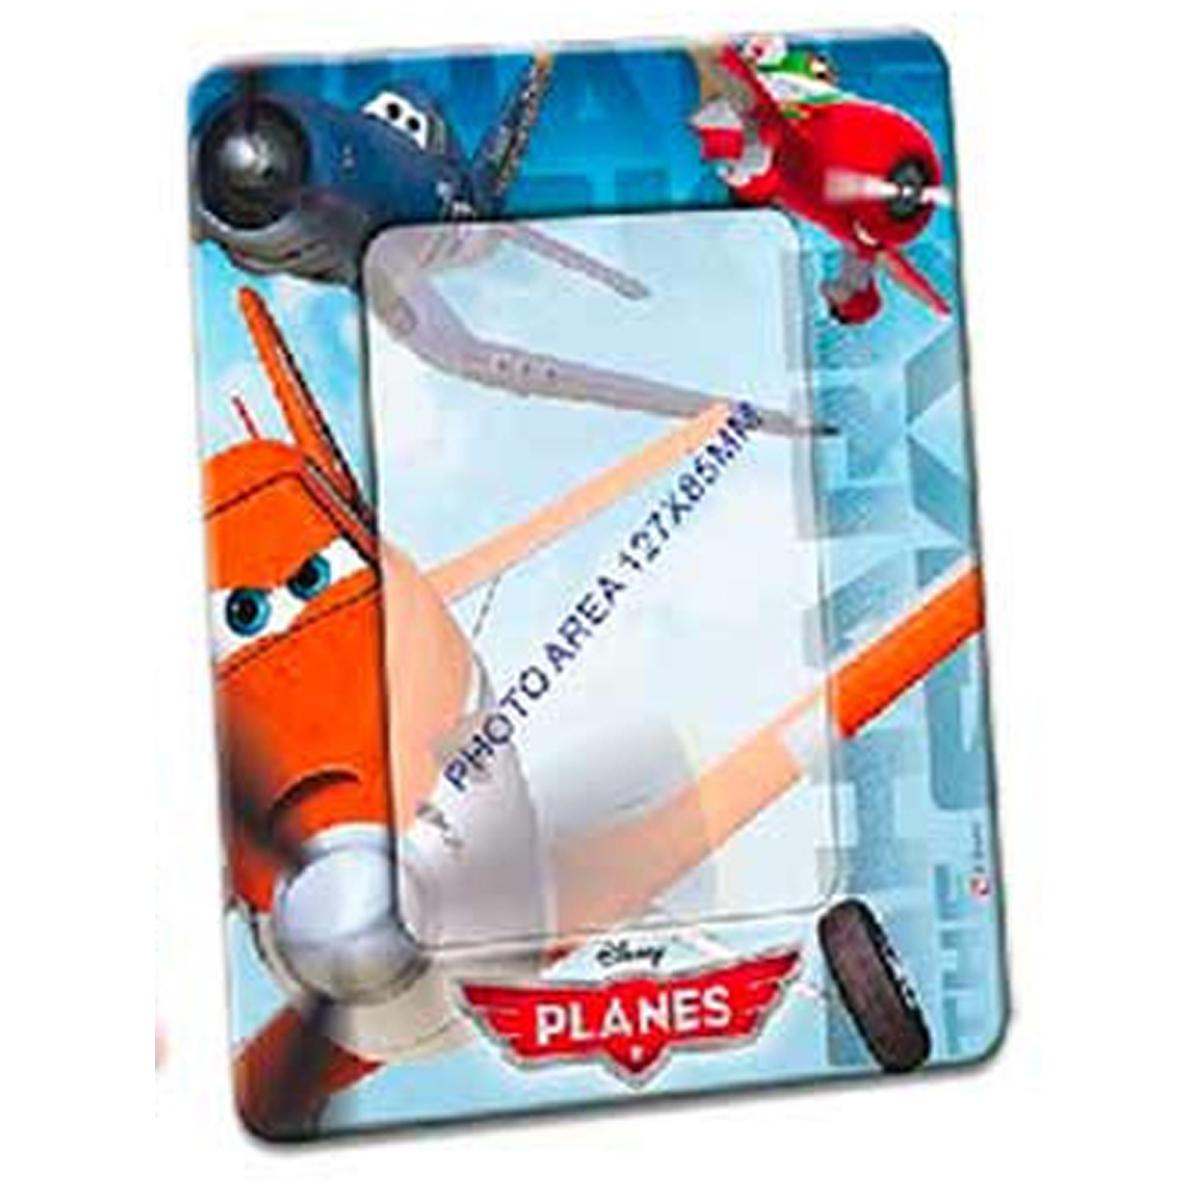 Cadre Photo métal \'Planes\' bleu orange - 19x15 cm, photo 13x9 cm - [R3063]